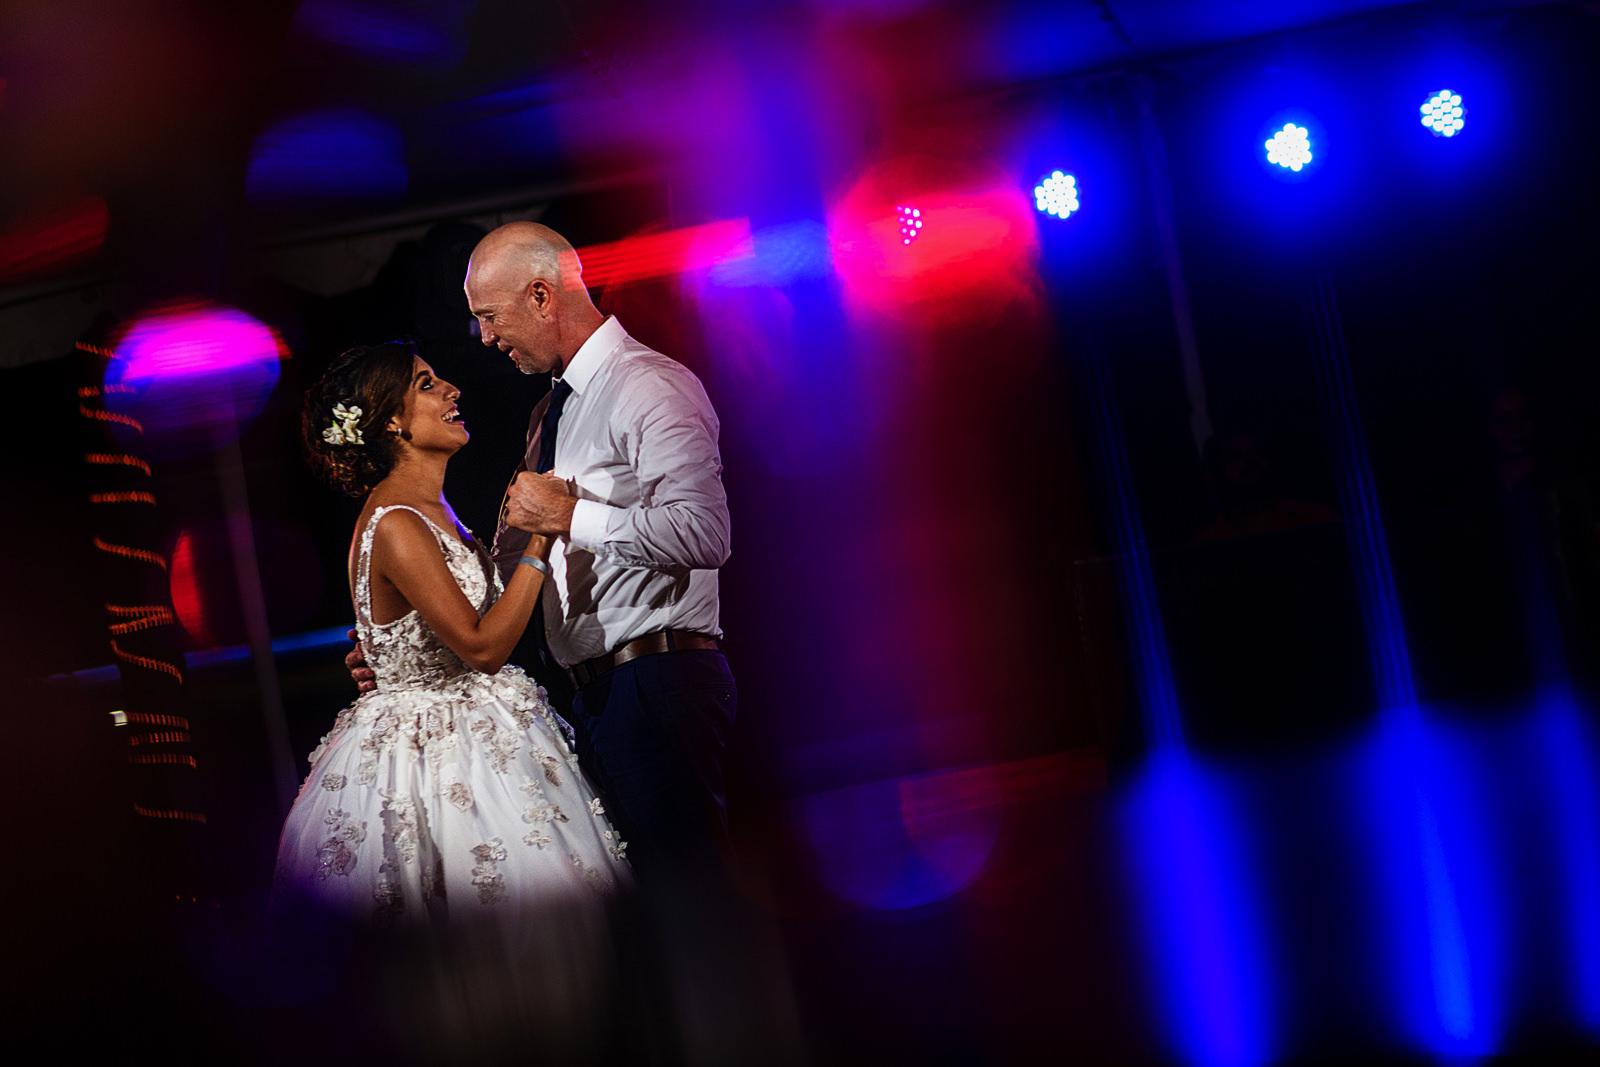 Primer baile como marido y mujer en el día de su boda en la playa, através de luces de colores